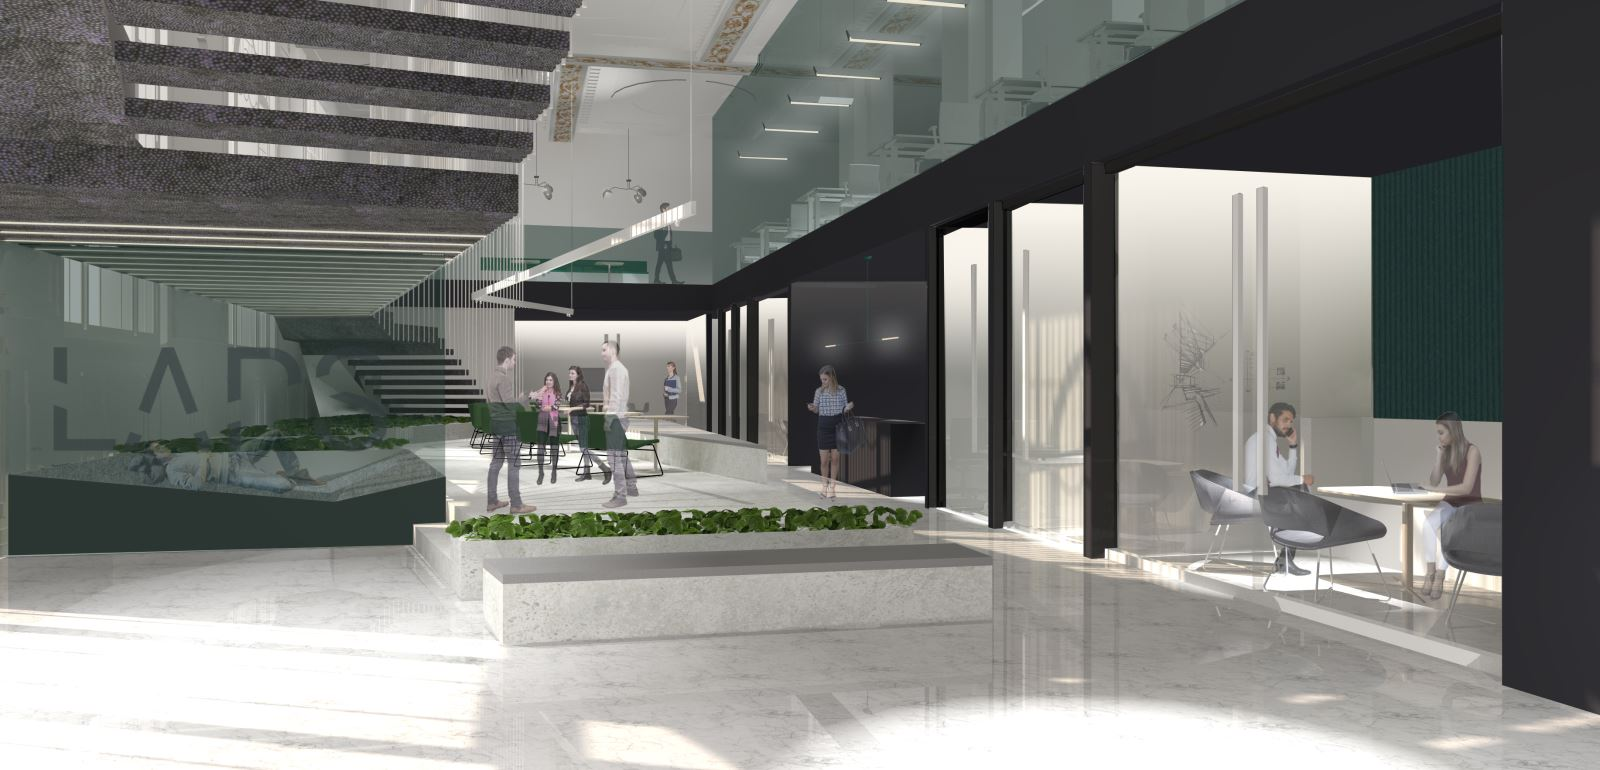 Les designers de la rel ve pr sentent leur projet design for Design interieur universite